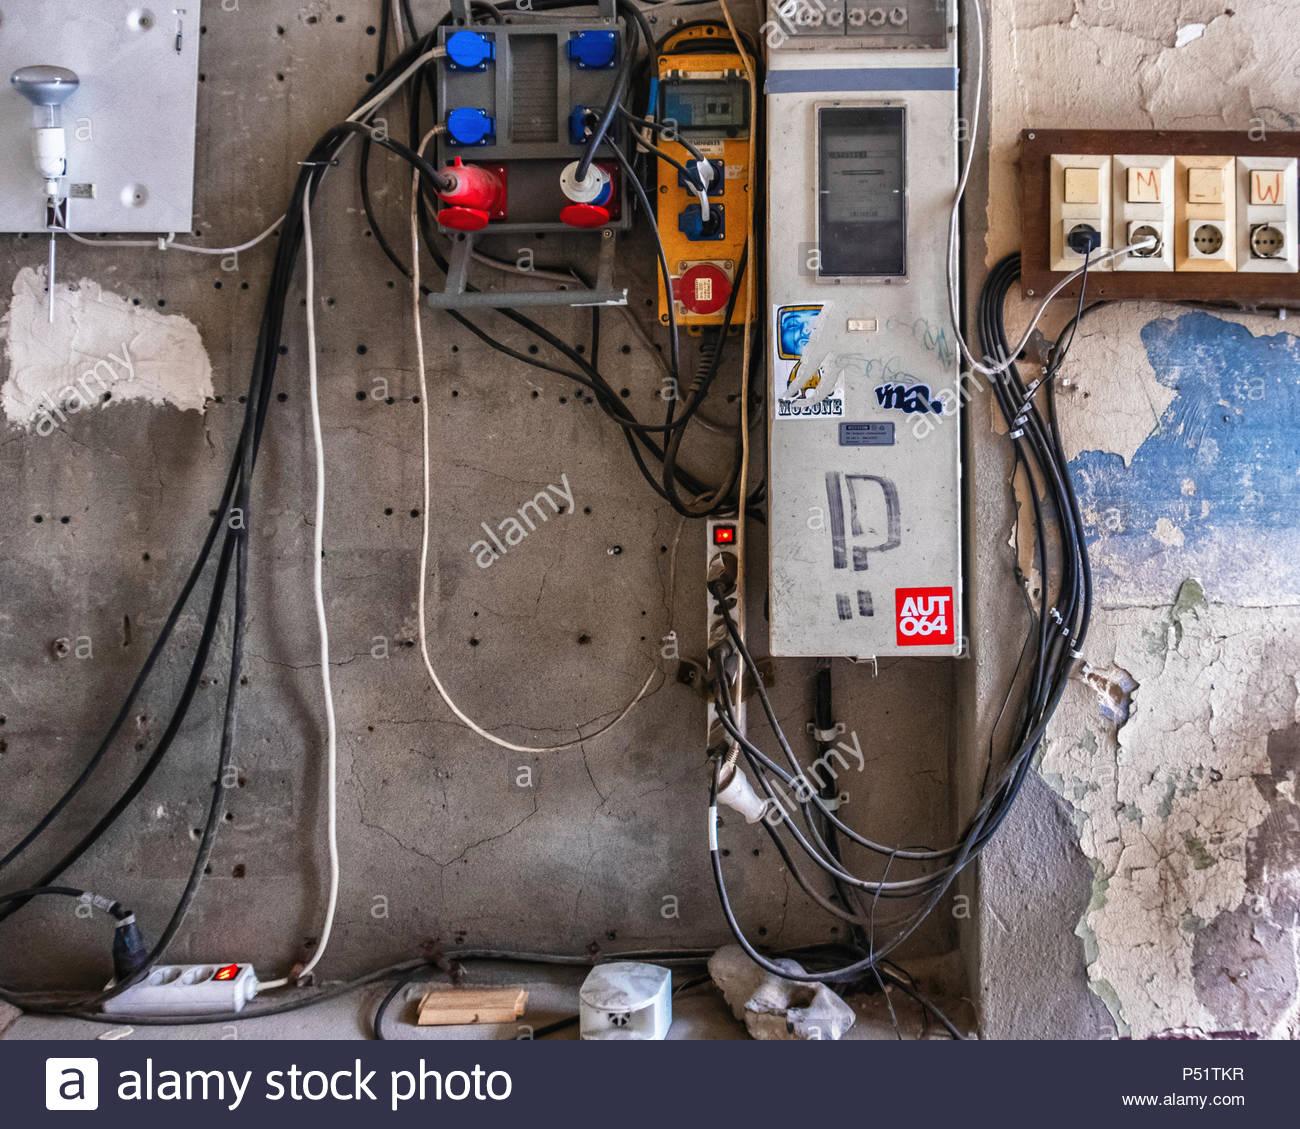 Urban Decay. Marode Altbau detail, Stromversorgung Gebäude. Staubigen elektrischen Stecker & Buchsen, elektrische Drähte Stockbild